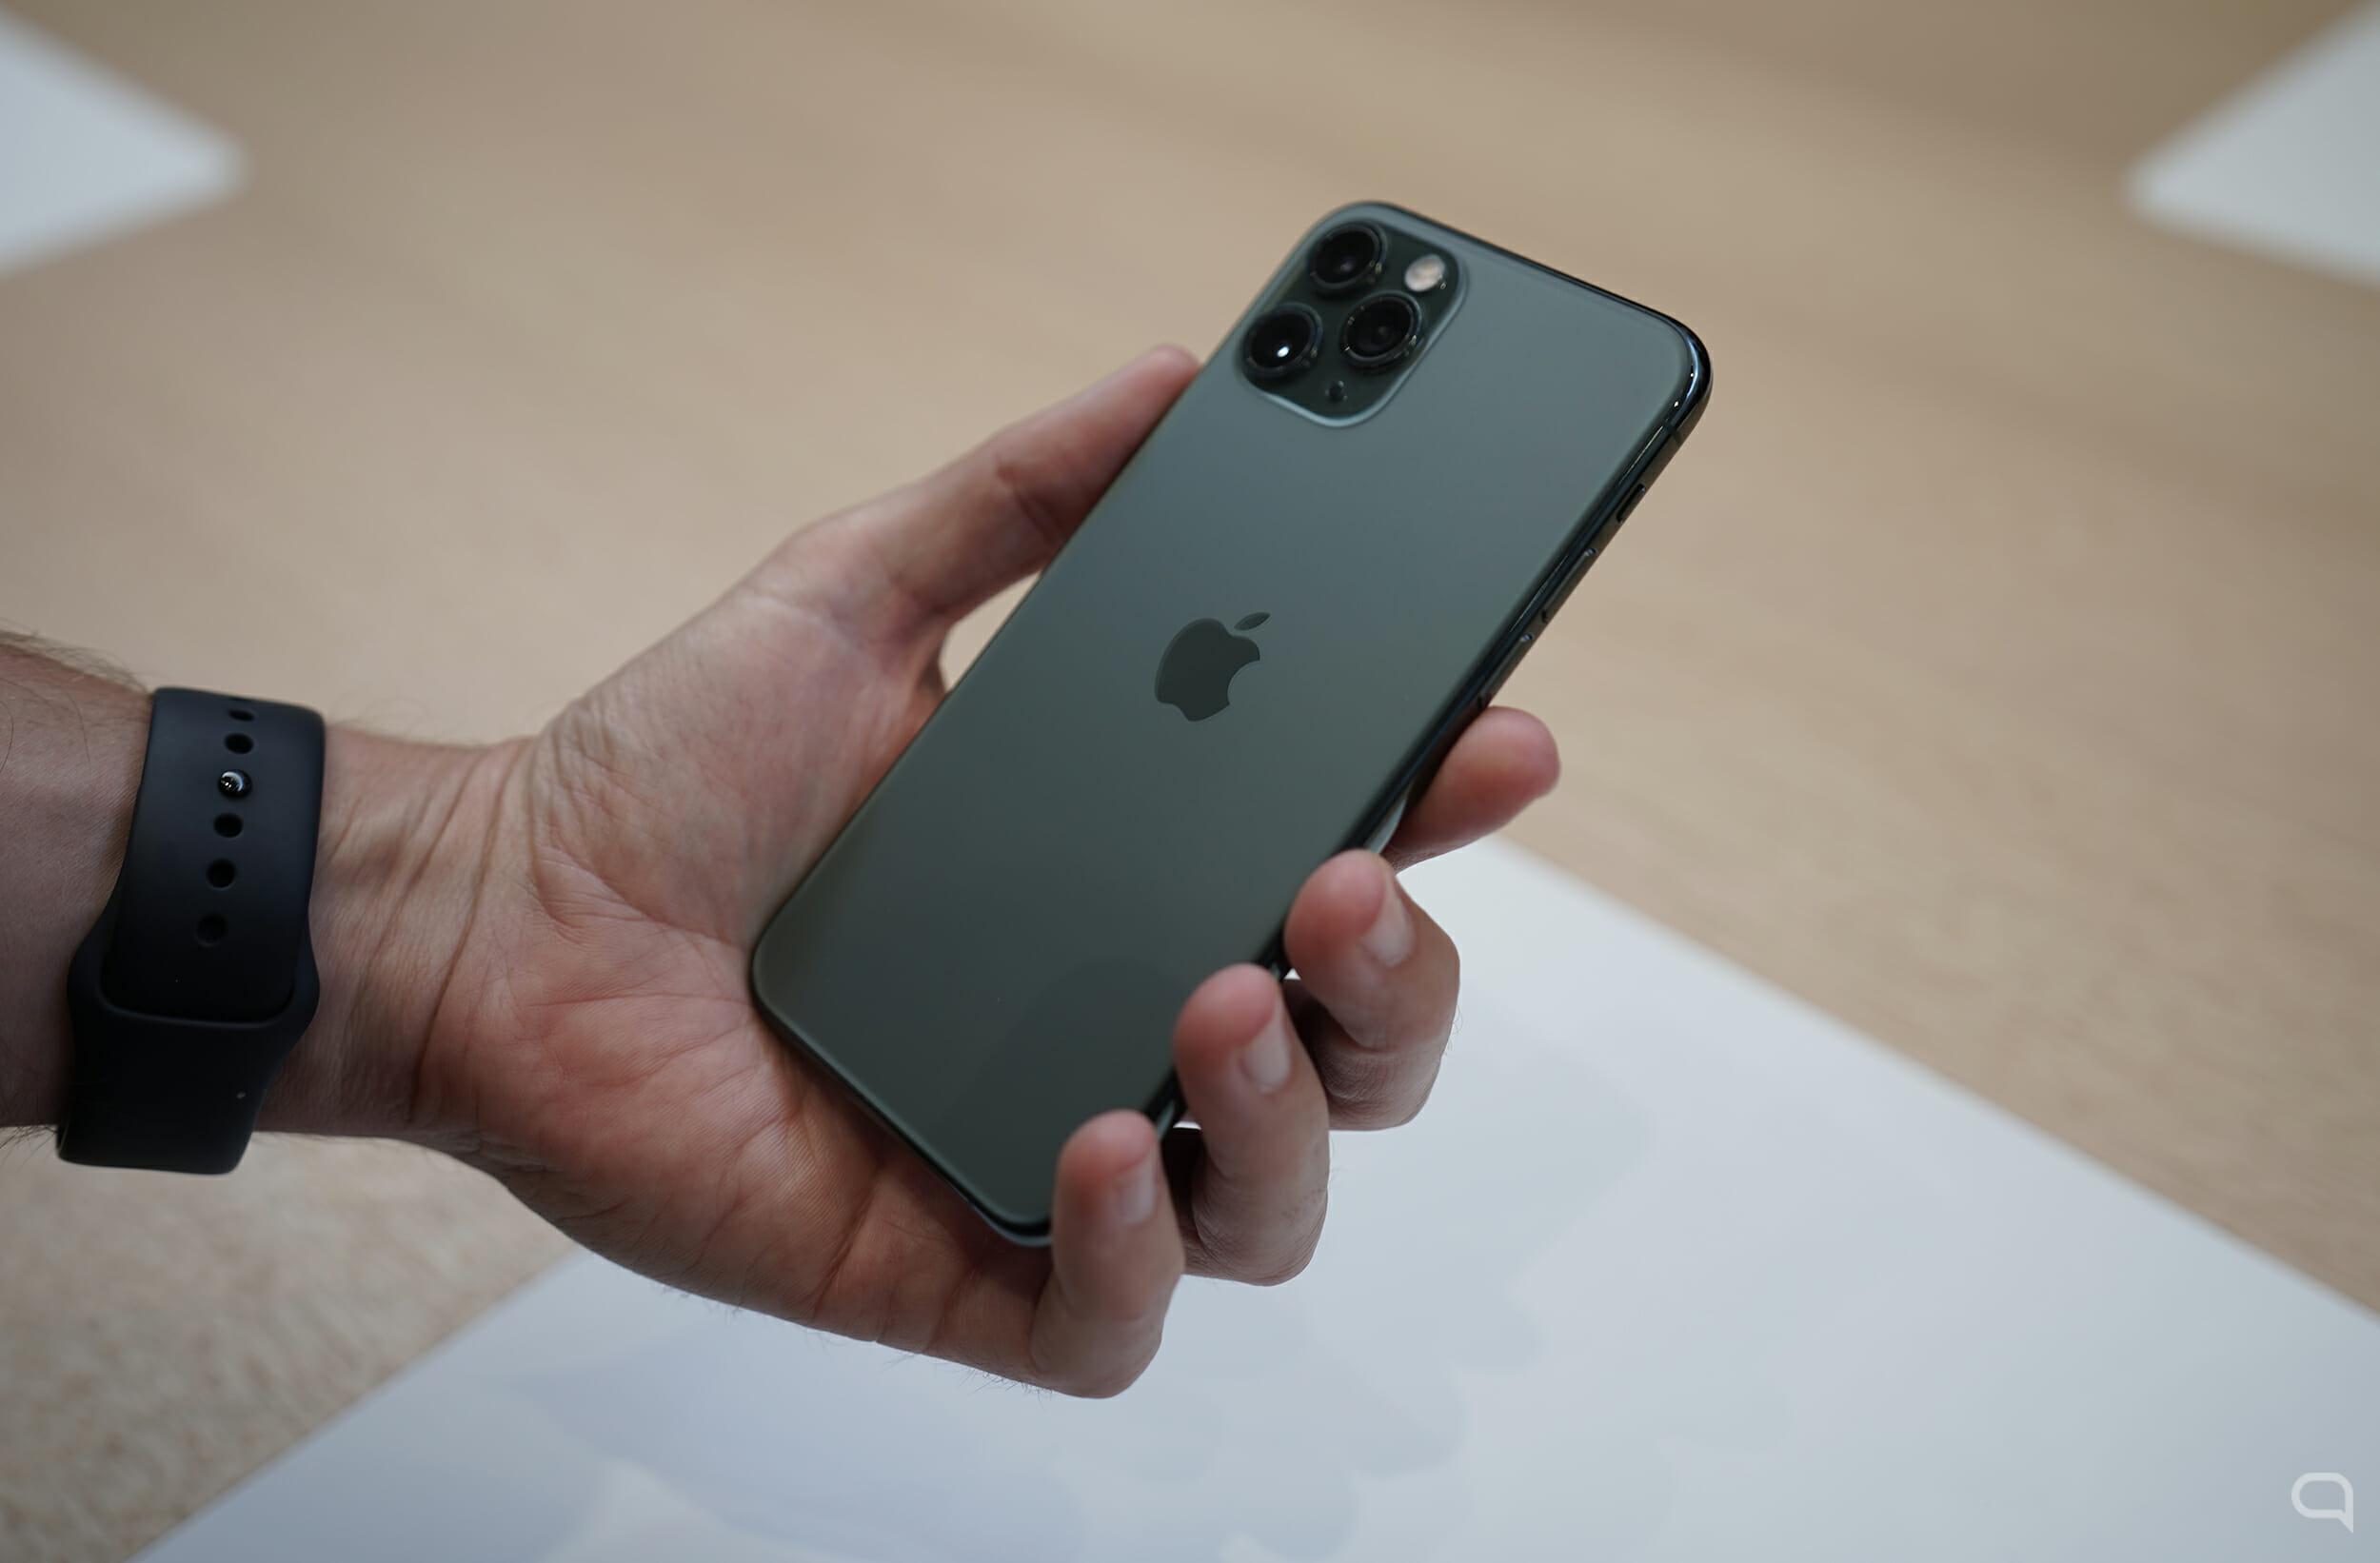 Die Kamera des iPhone 11 Pro überzeugt in einem ersten Test mit ihrem Nachtmodus 1